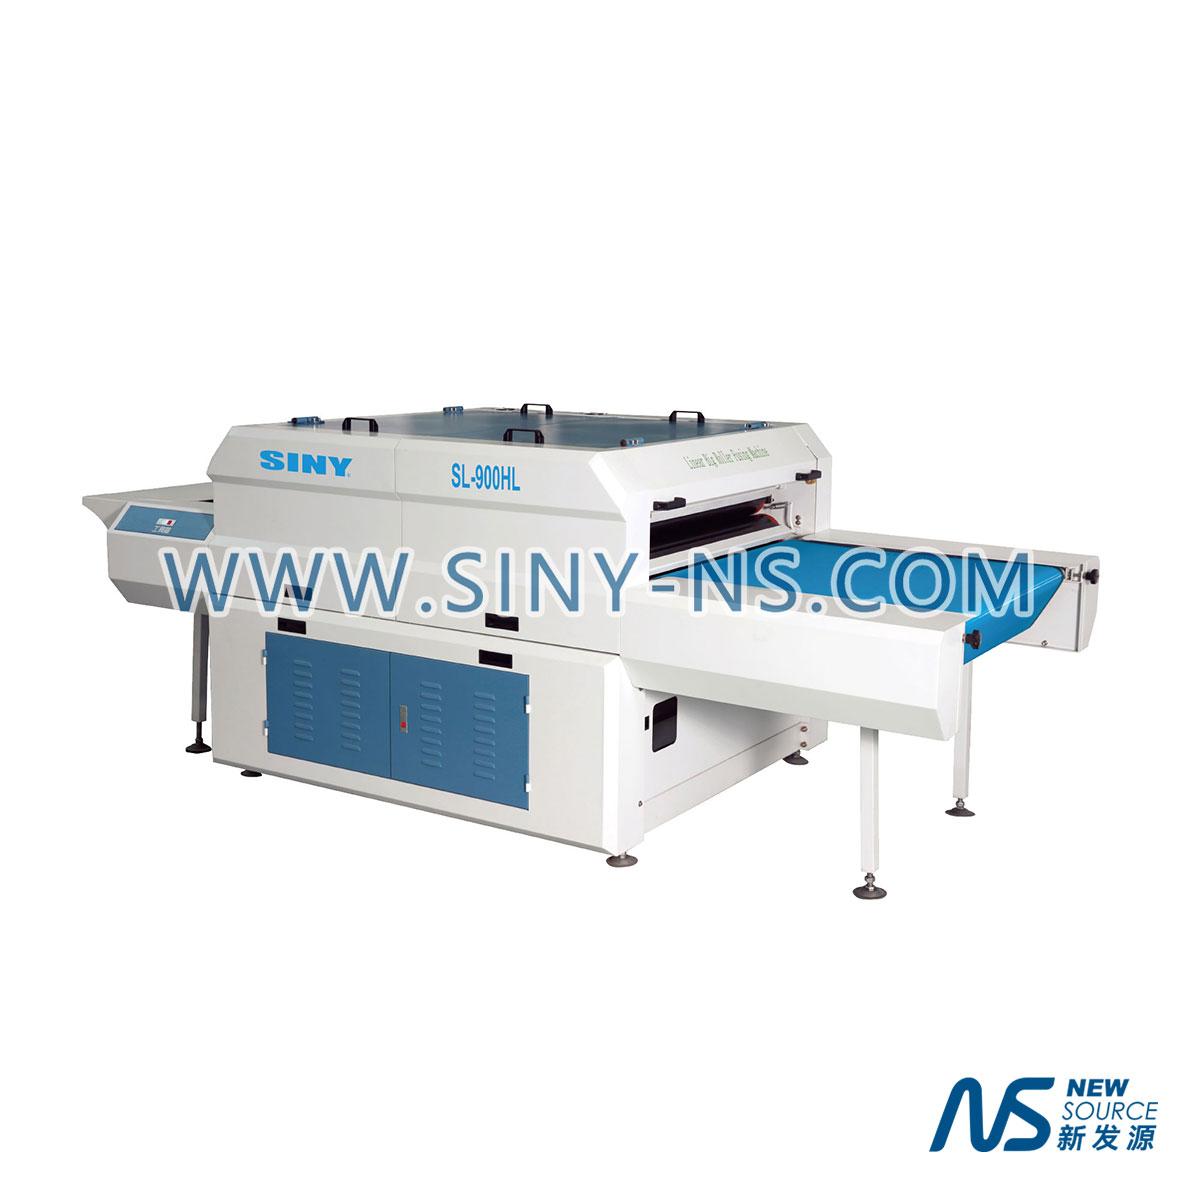 直线式大辊加压粘合机-SL-900HL